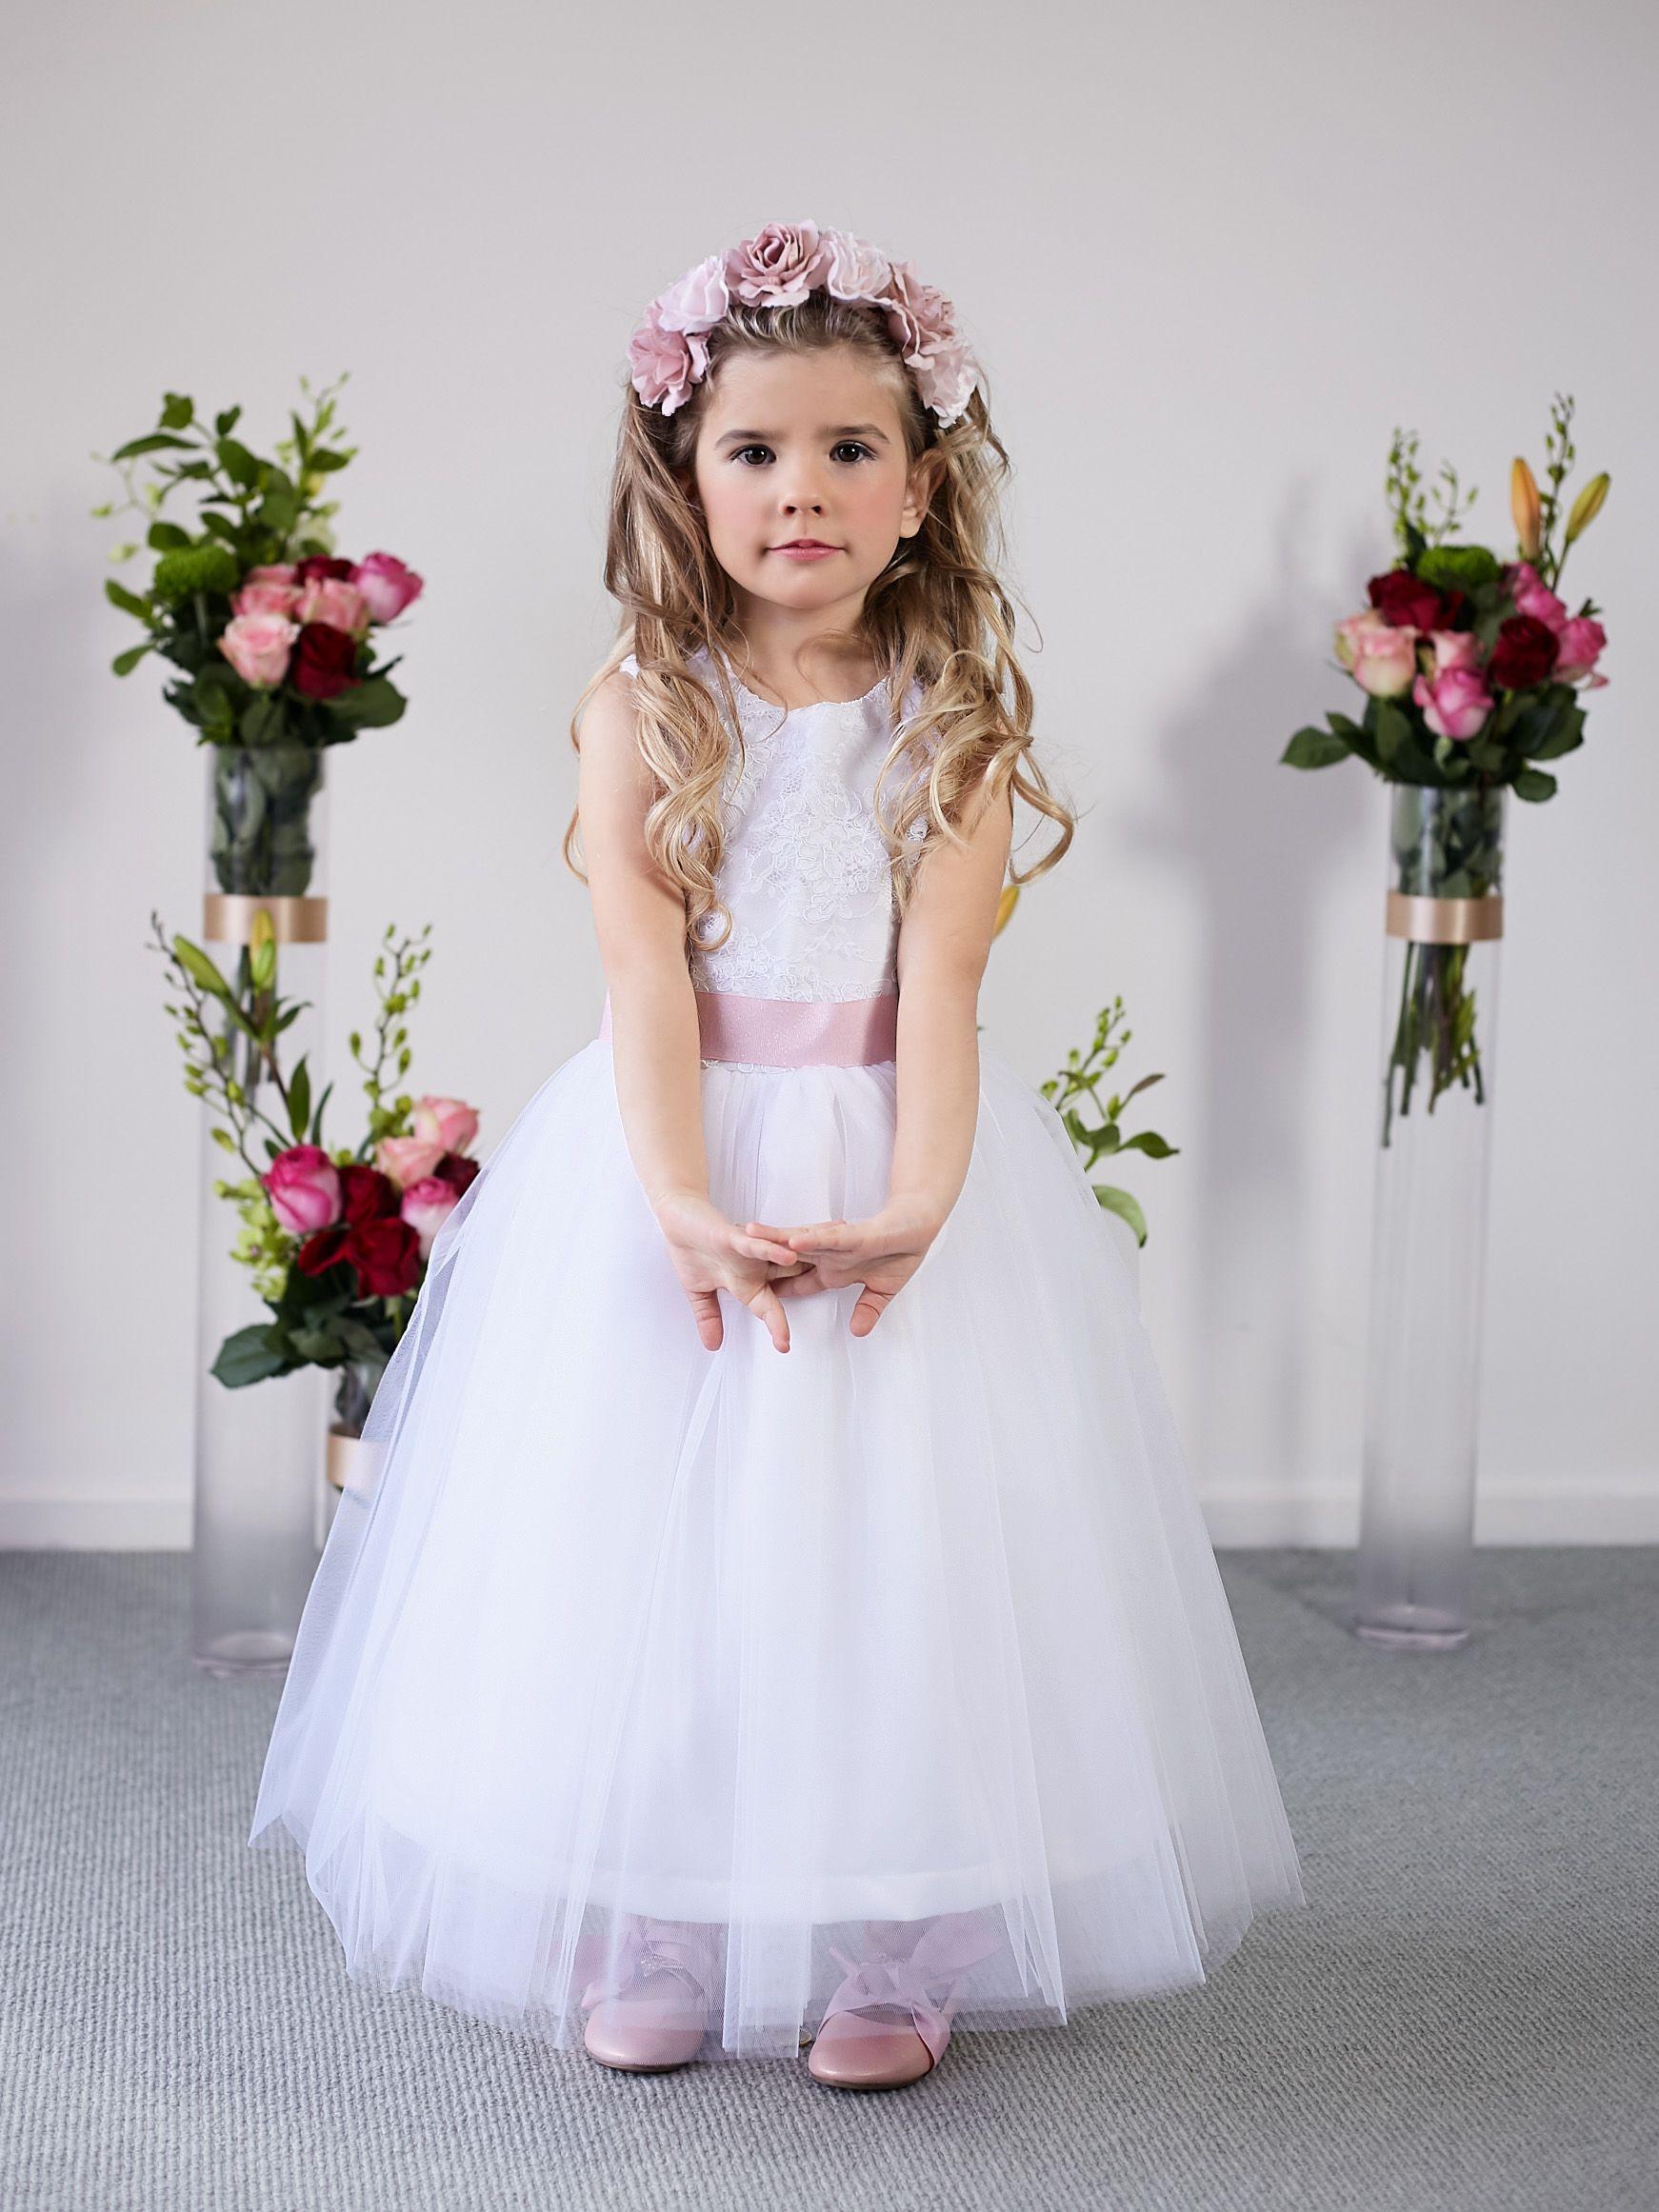 Wedding Dresses Melbourne Bridal Shops Melbourne Leah S Designs Short Wedding Dress Lace Wedding Dresses Uk Elegant Wedding Dress [ 2323 x 1742 Pixel ]